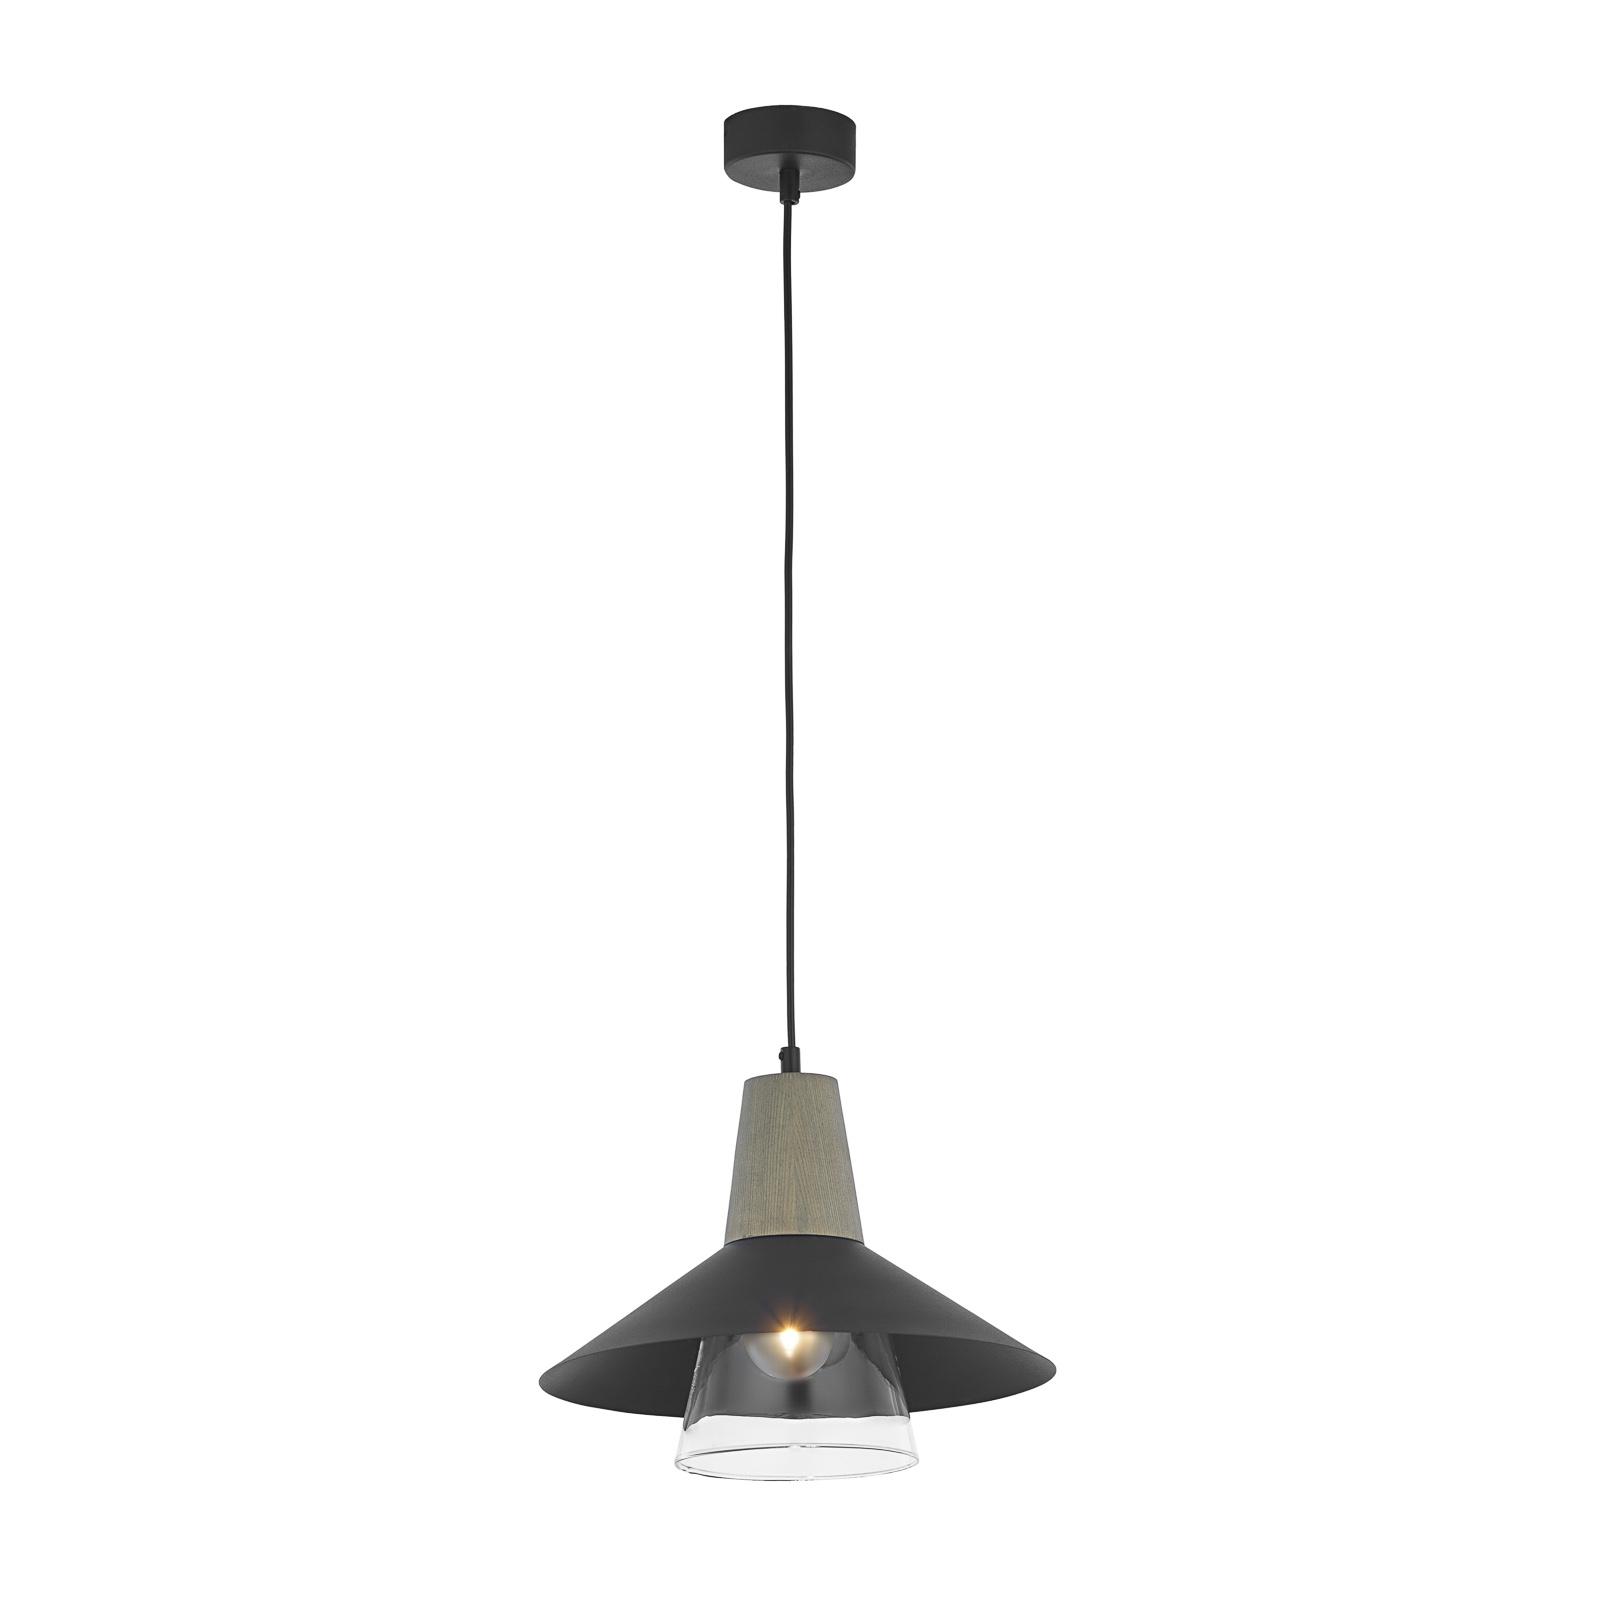 Eos hængelampe, mørkegrå, grå, transparent glas